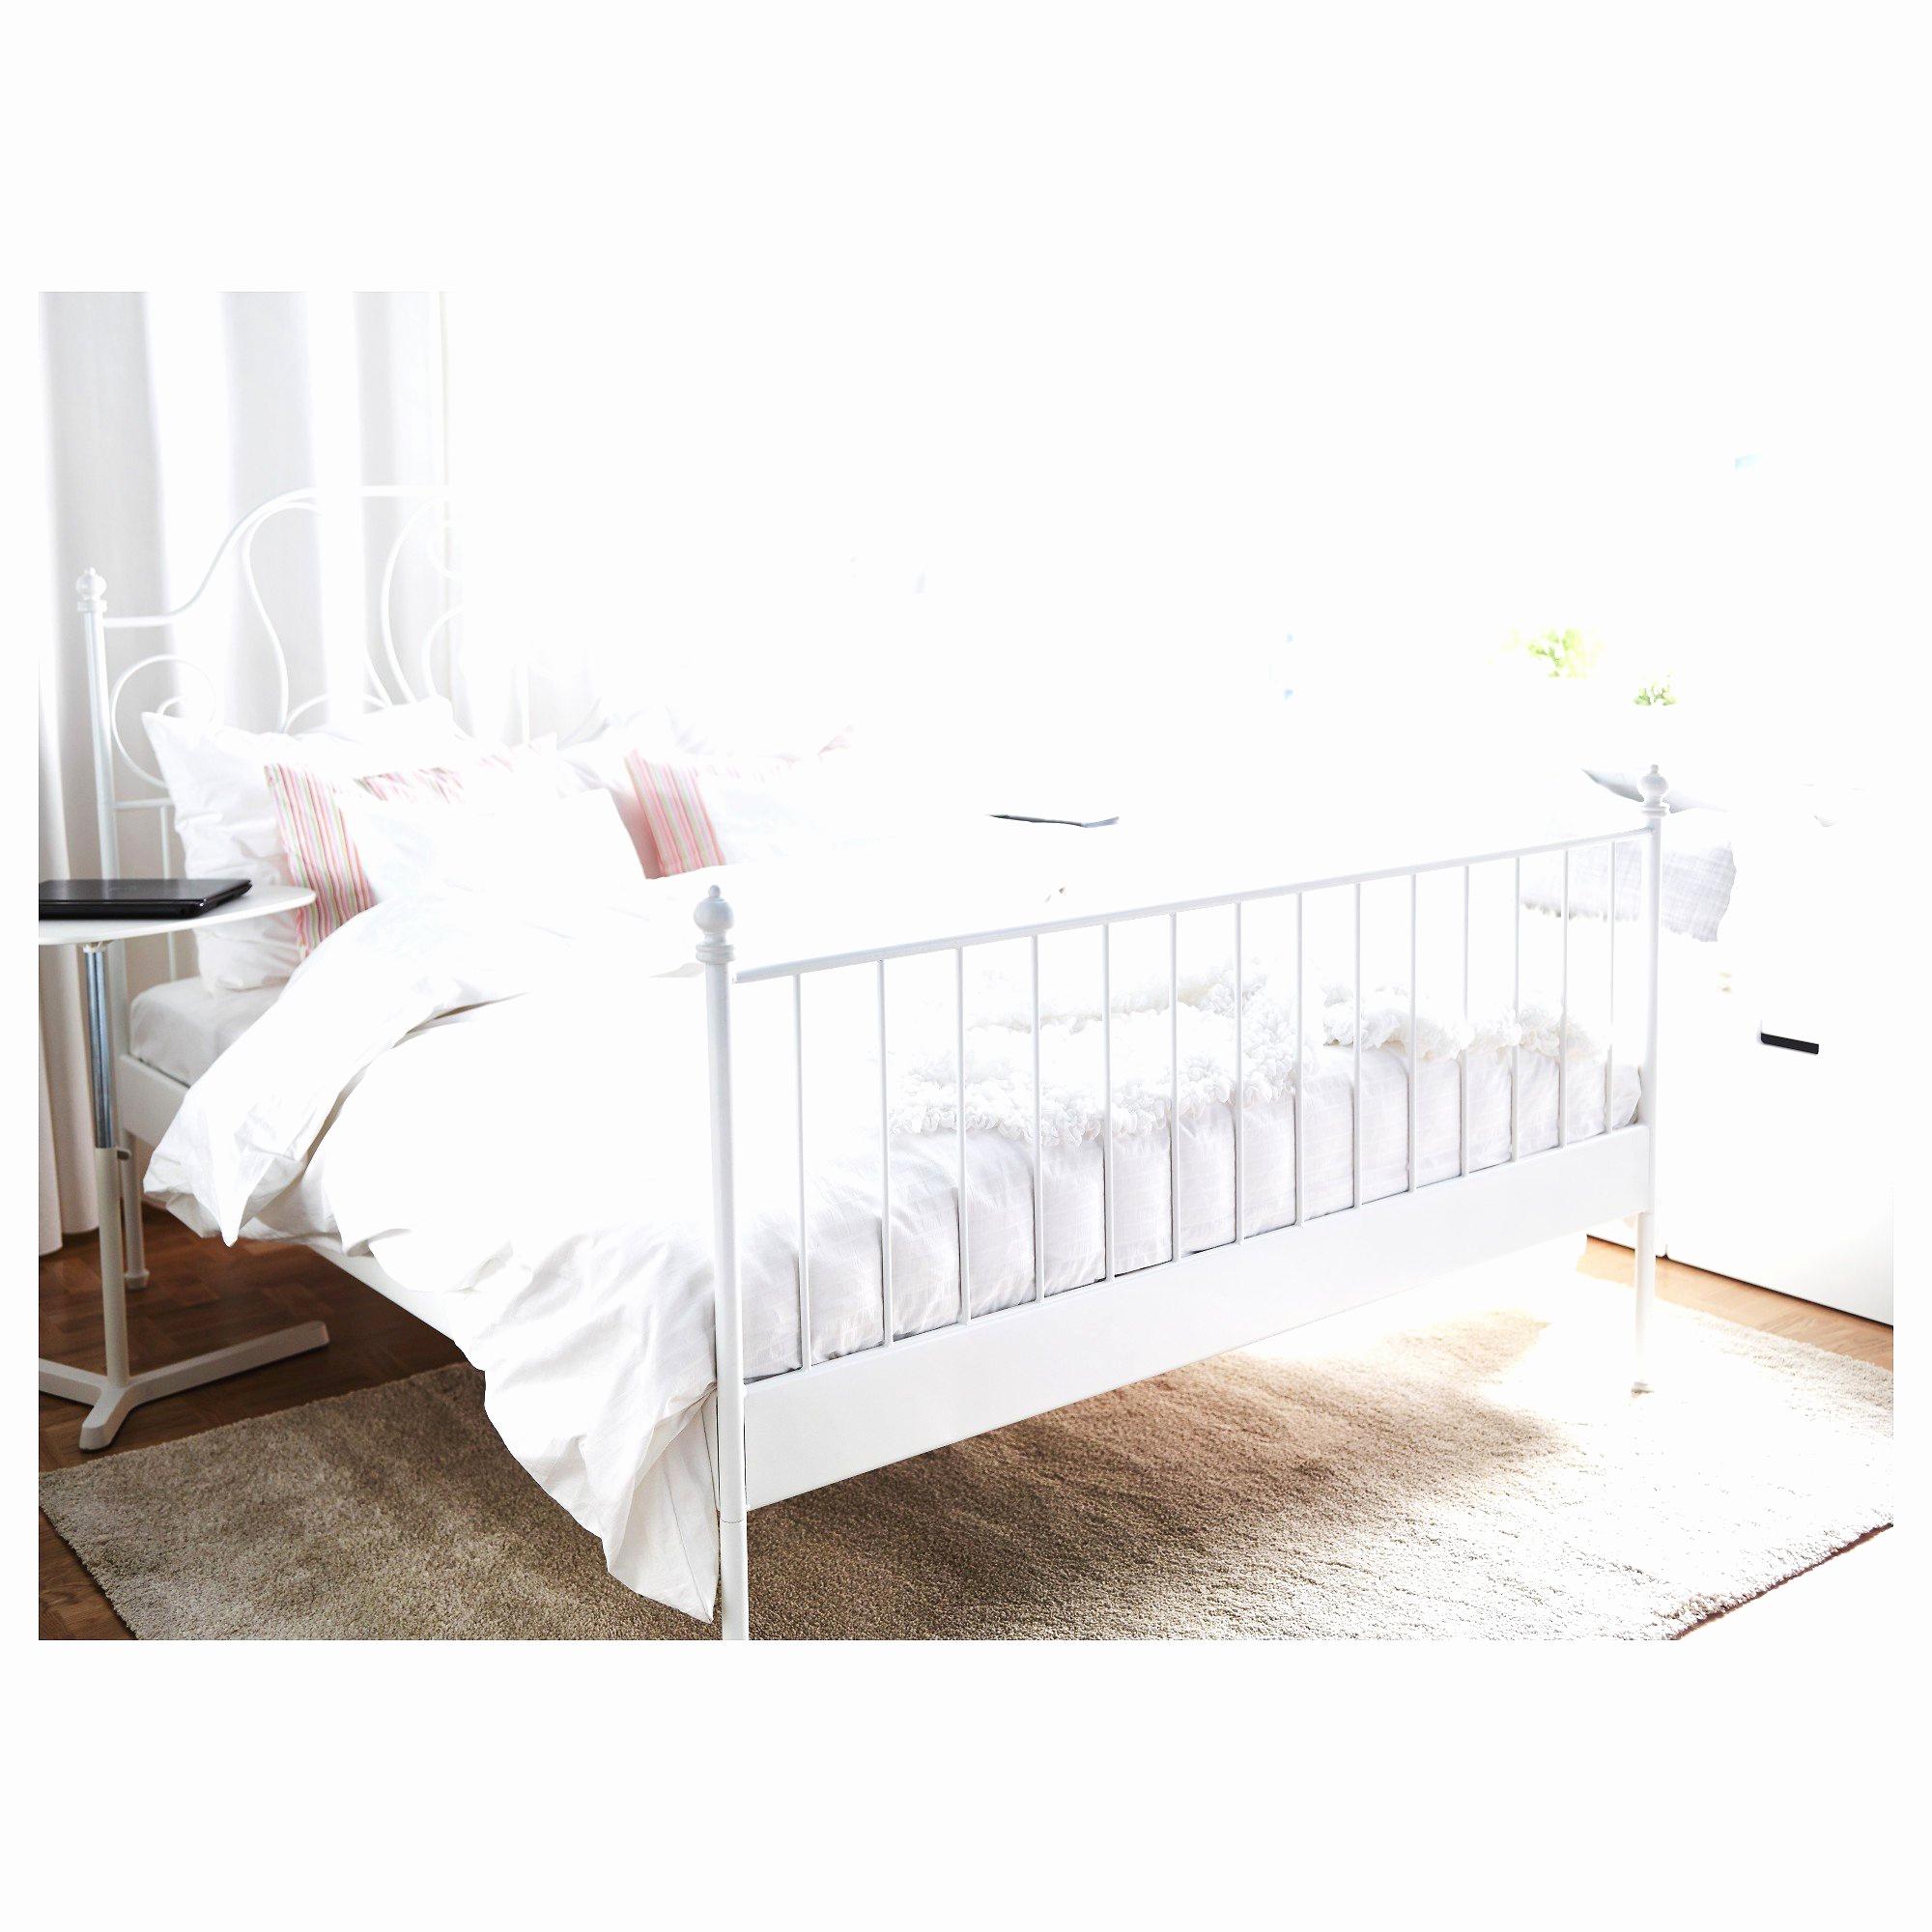 Full Size of Bett 140x220 Simple With Beautiful Kaufen Hamburg Betten Mannheim Tatami 180x200 Schwarz Billige 200x200 Mit Bettkasten Massivholz Bette Badewanne Günstig Bett Bett 140x220